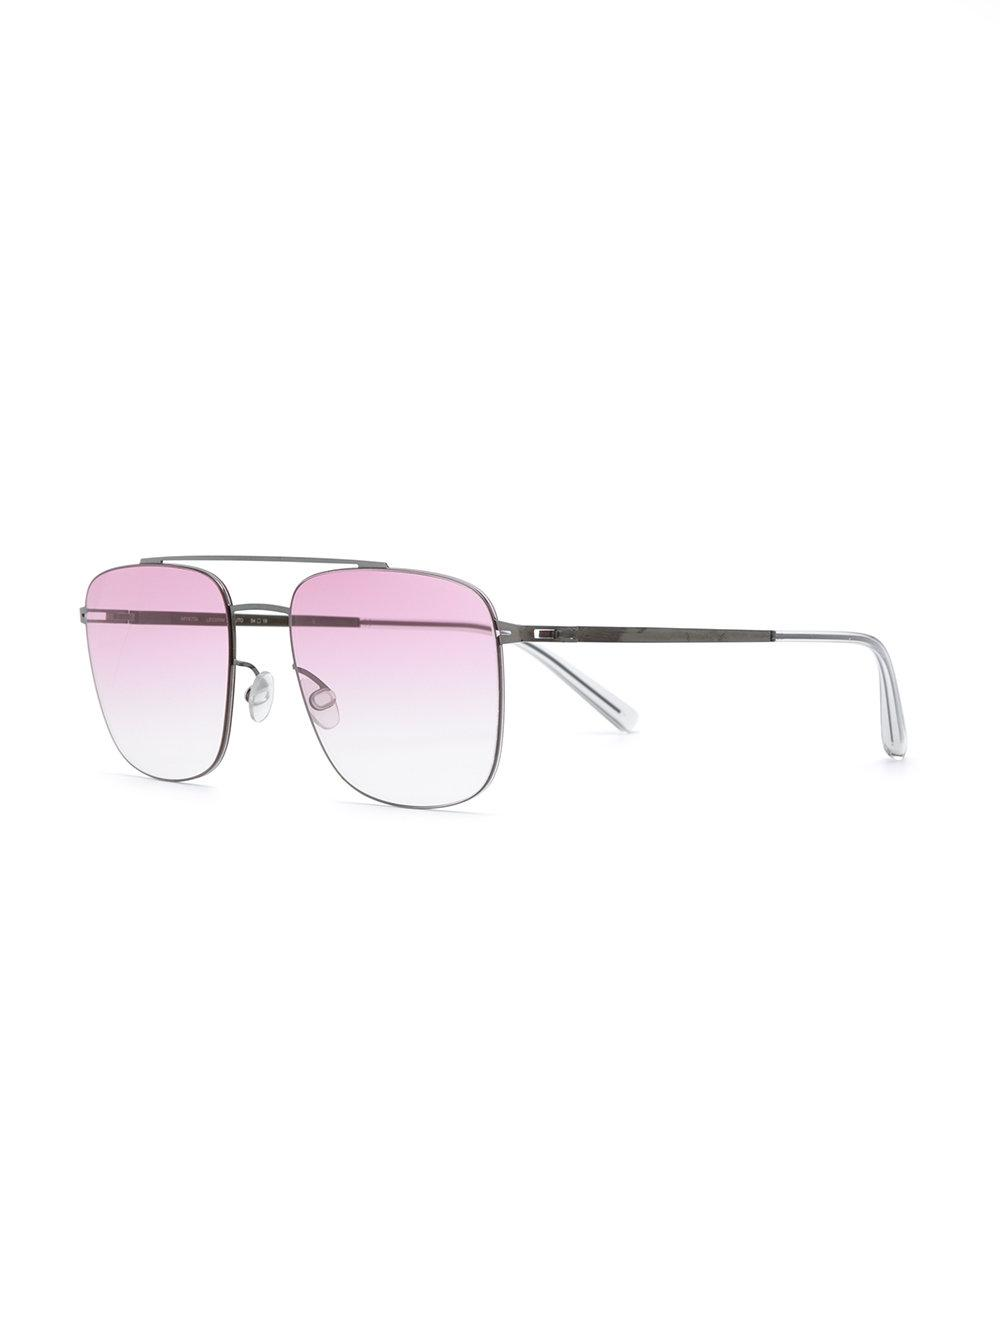 Mykita Square Gradient Sunglasses in Metallic